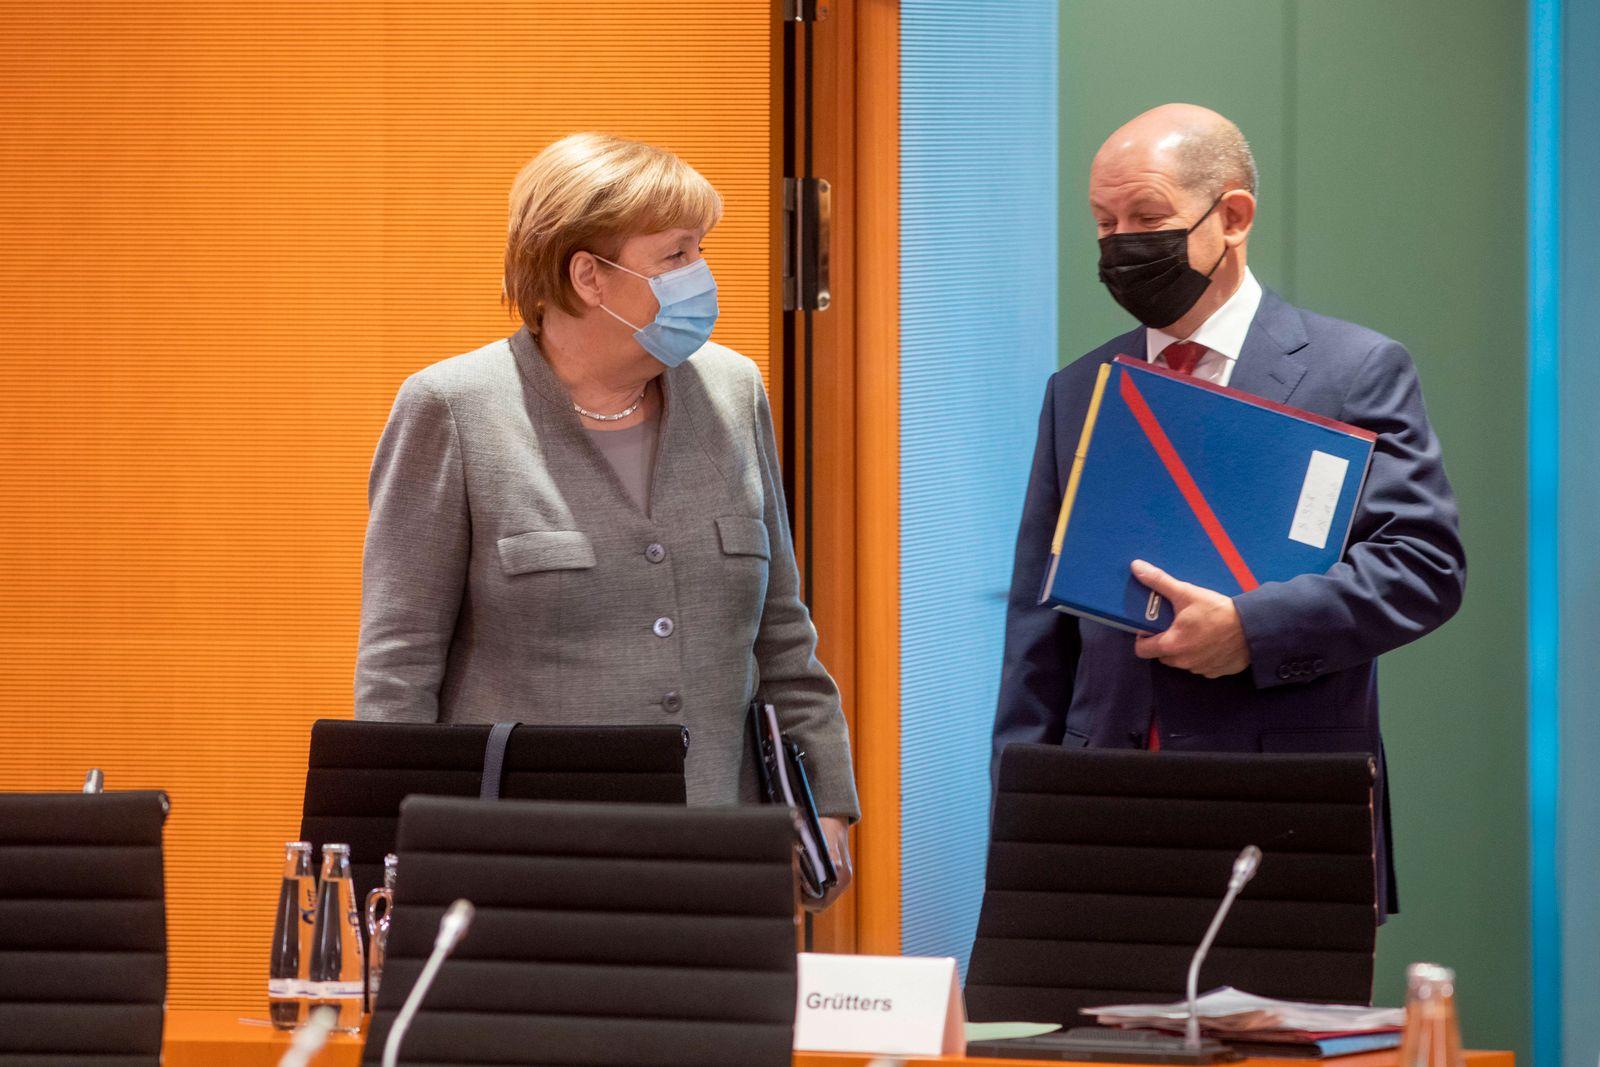 Deutschland, Berlin, Bundeskanzleramt, 121. Sitzung des Bundeskabinetts, Bundeskanzlerin Angela Merkel CDU, Finanzminis